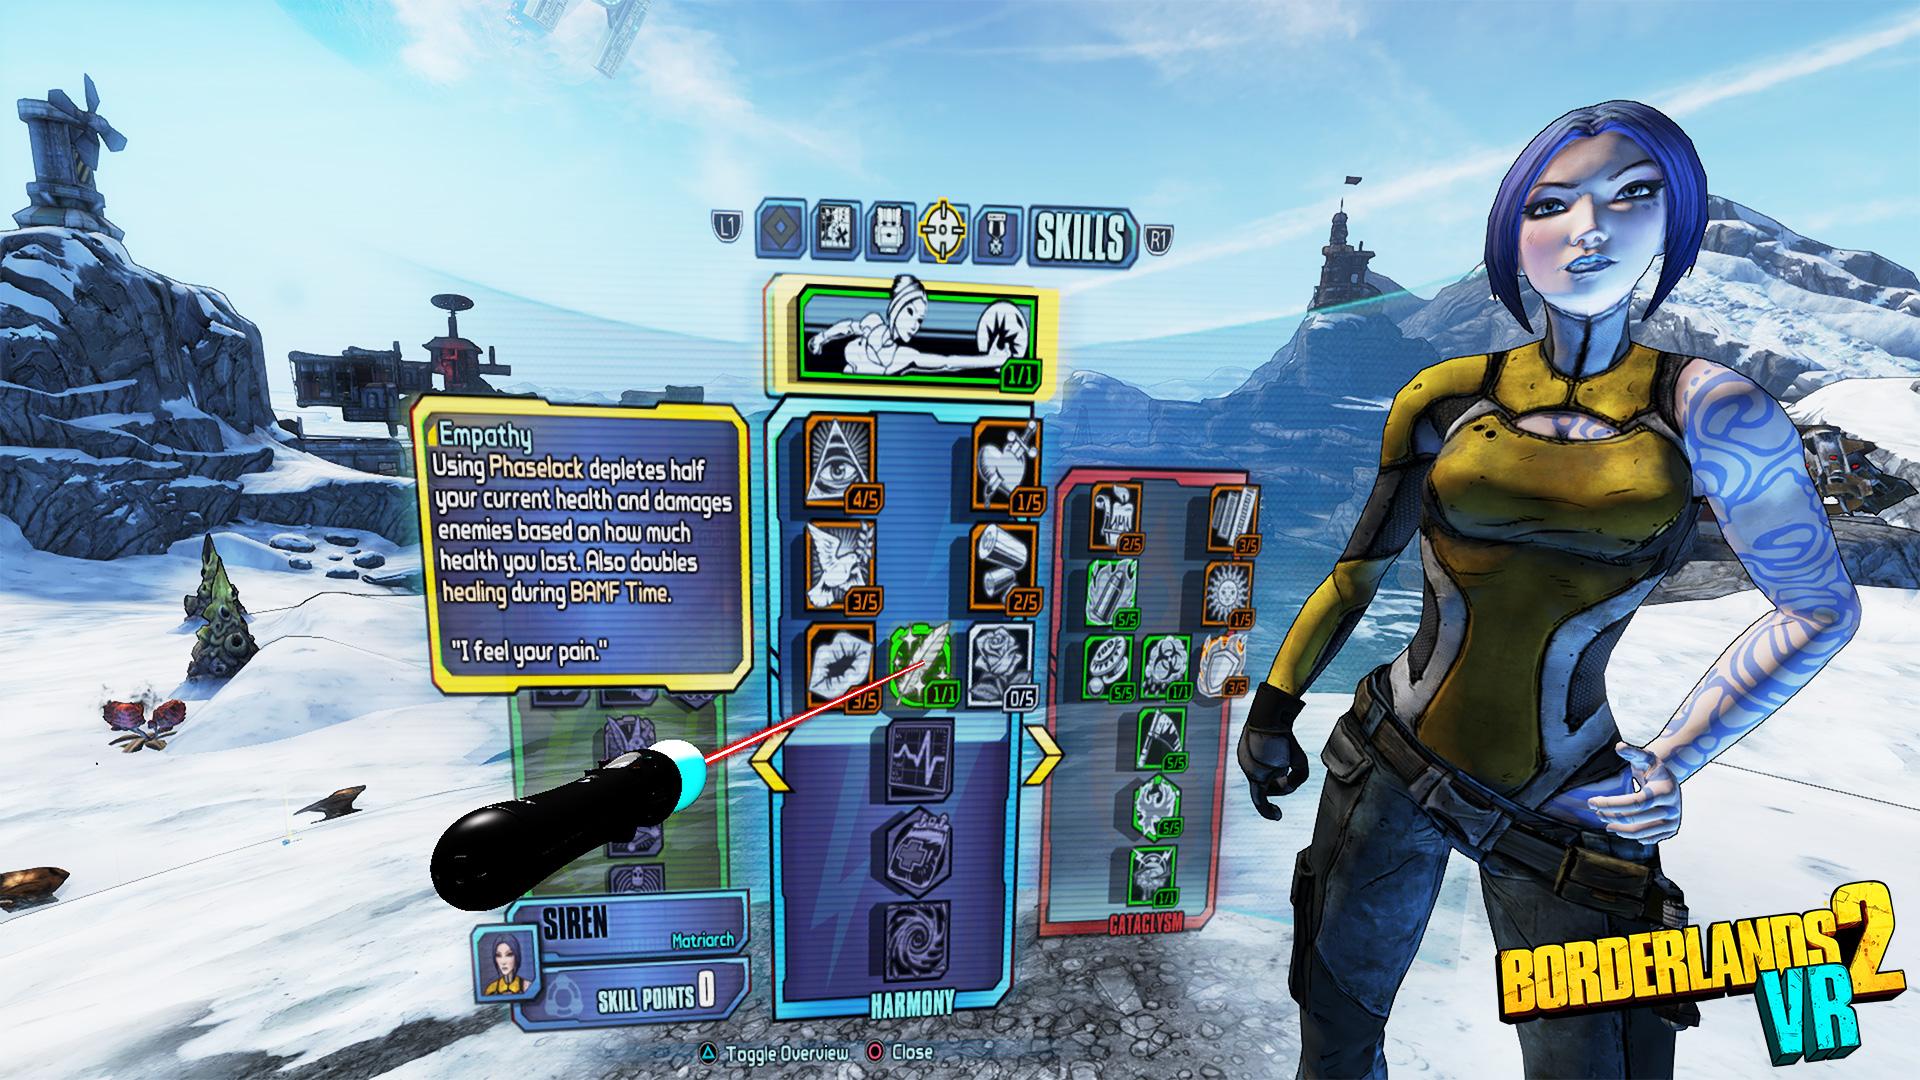 Die VR-Neuauflage lässt sich entweder mit dem Dual Shock oder den Move-Controllern spielen.